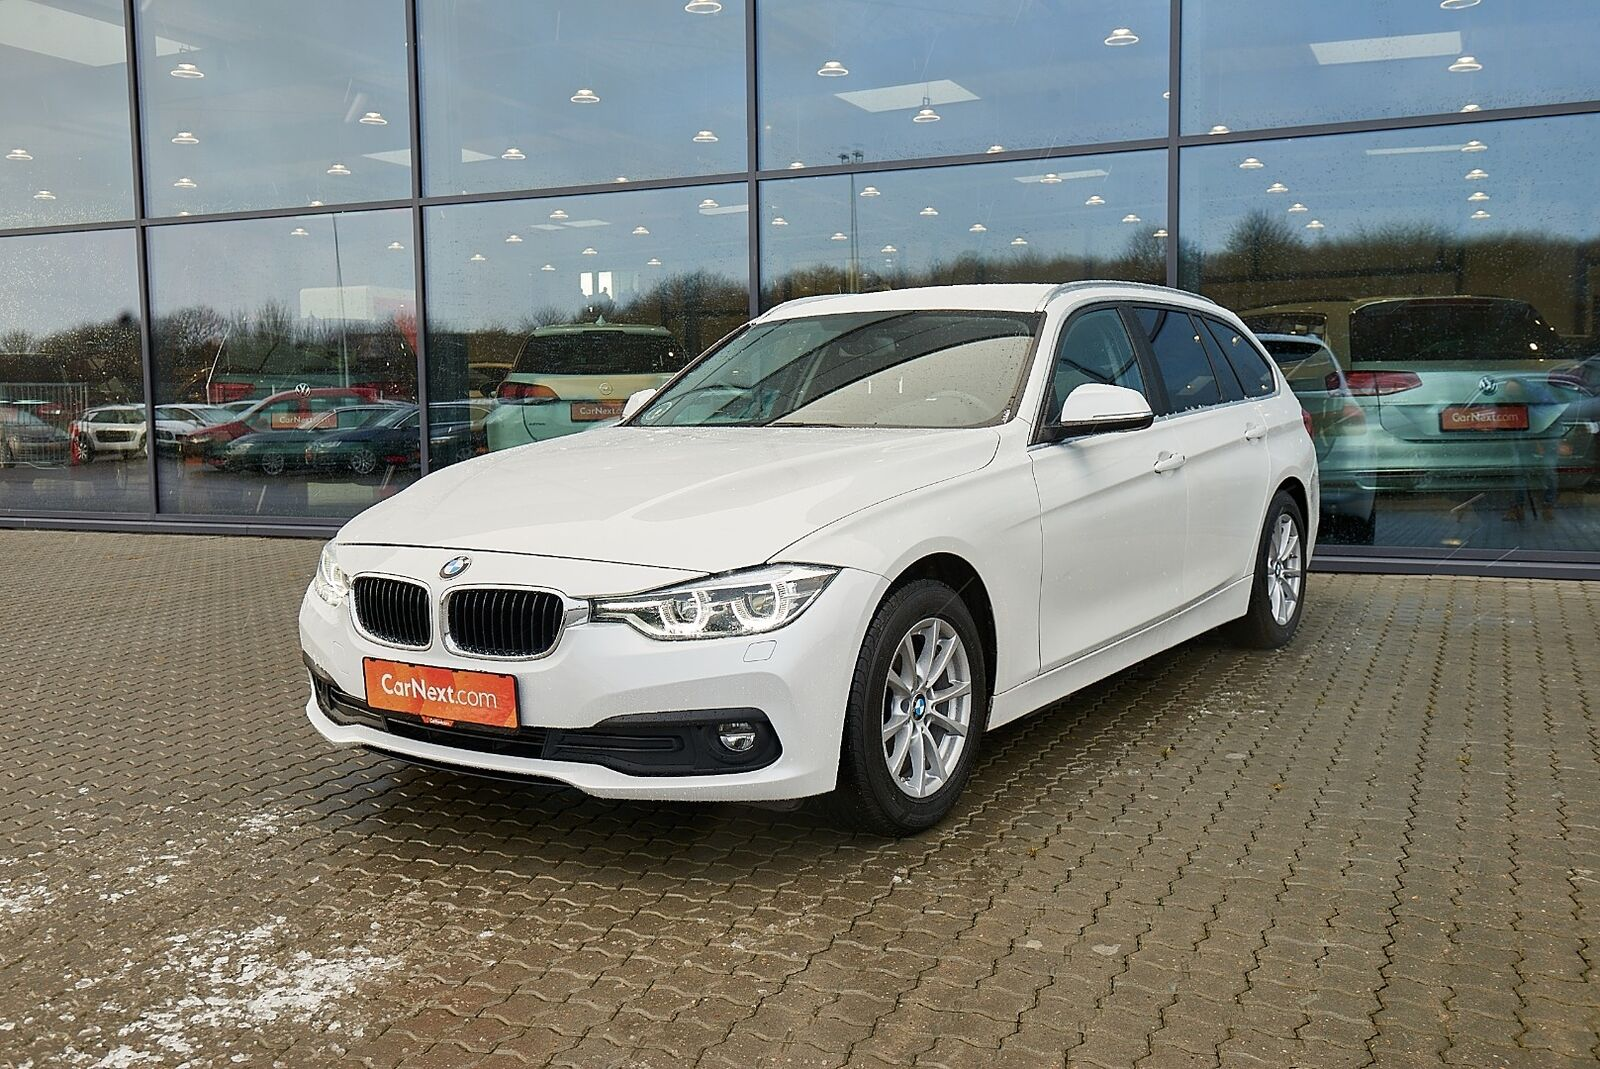 BMW 320d 2,0 Touring Executive aut. 5d - 264.900 kr.